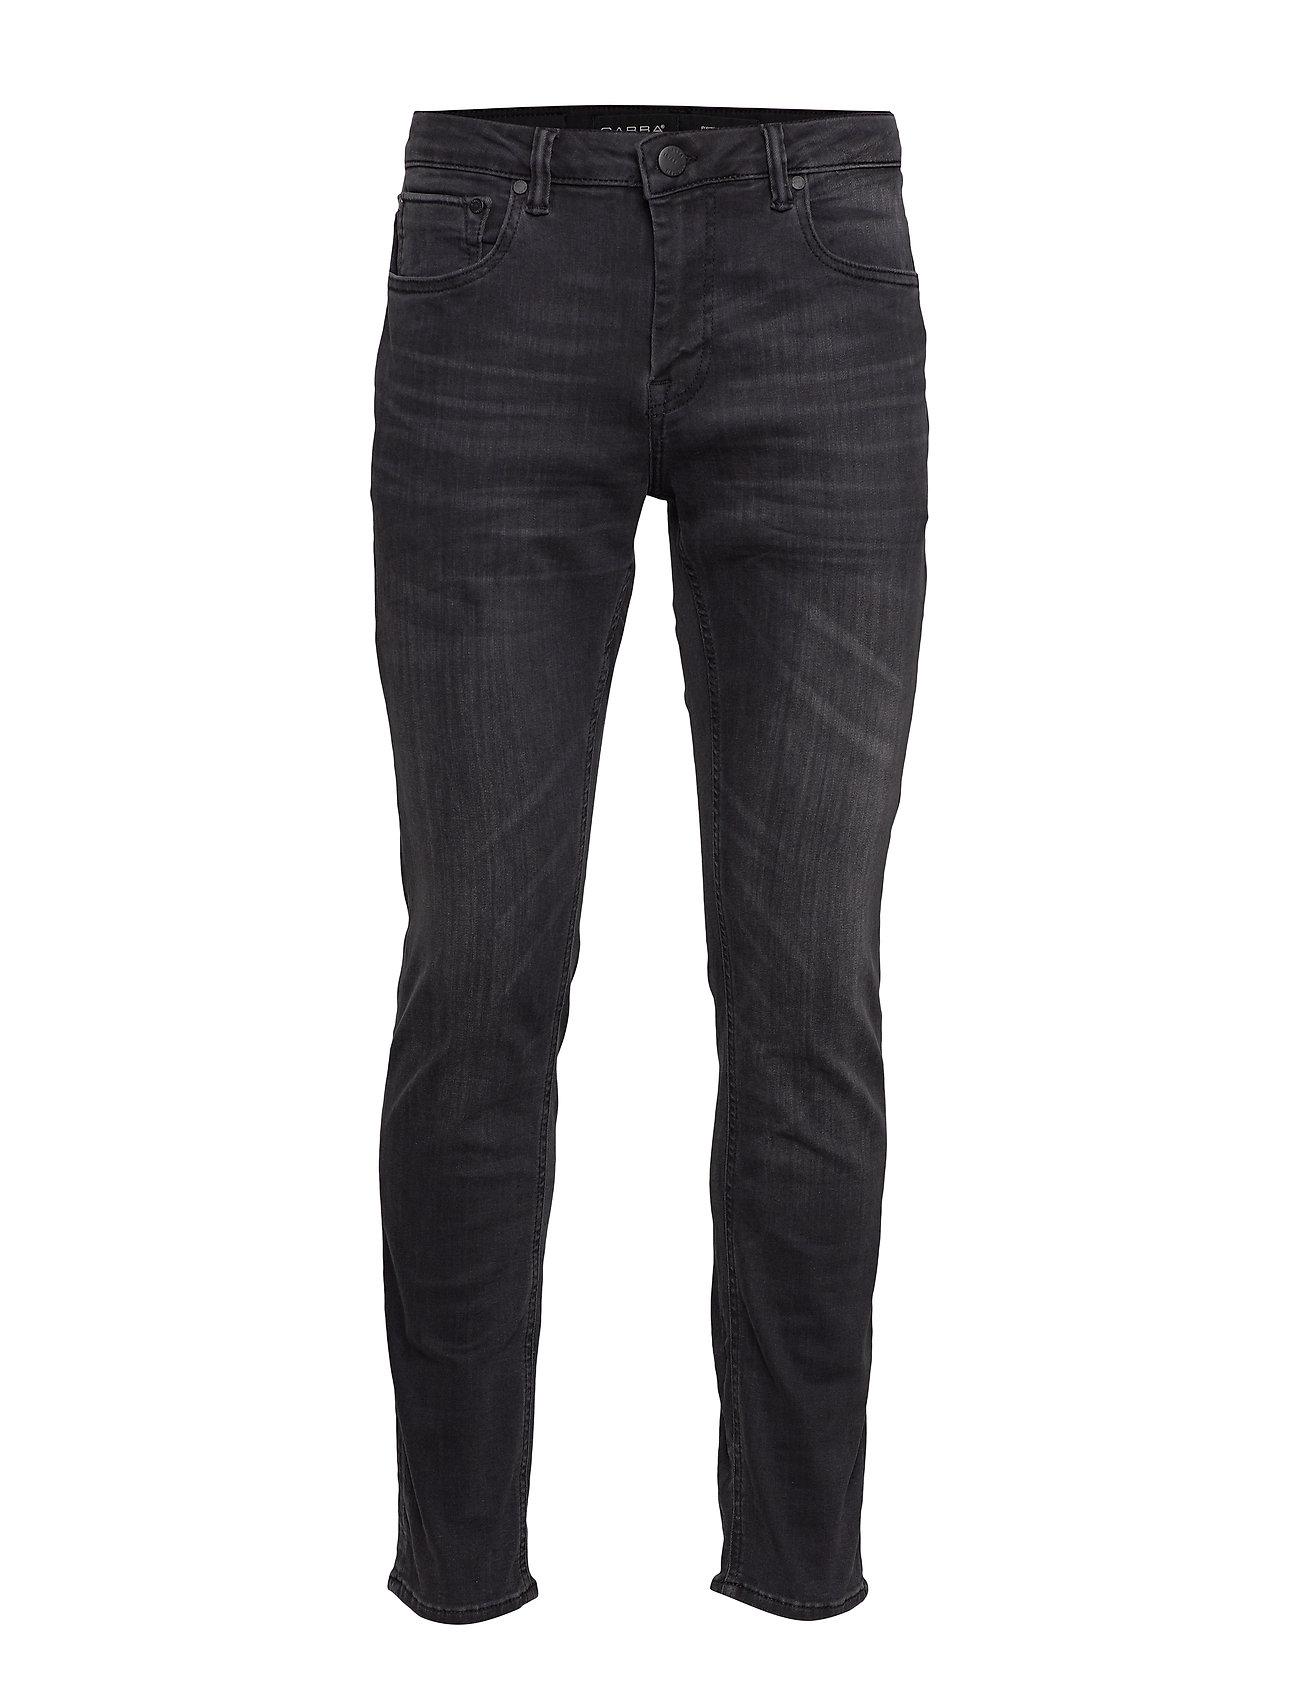 Image of J S K3459 Jeans Slim Jeans Sort Gabba (3292990555)